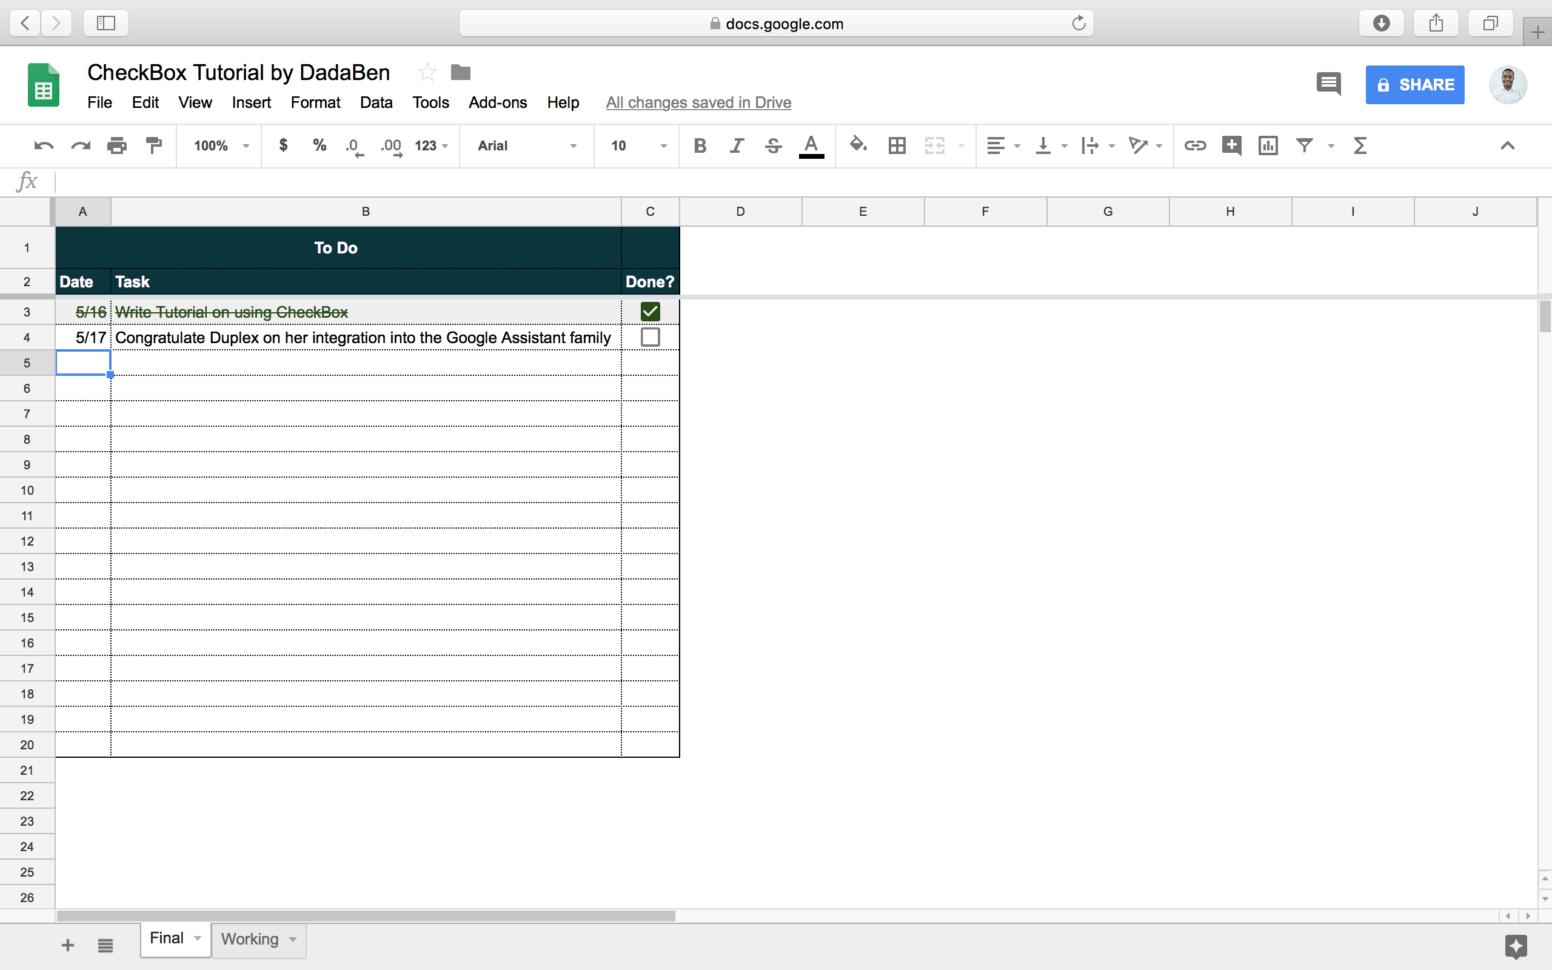 S Docs Com Spreadsheets U 0 Spreadshee S Docs Com Spreadsheets U 0